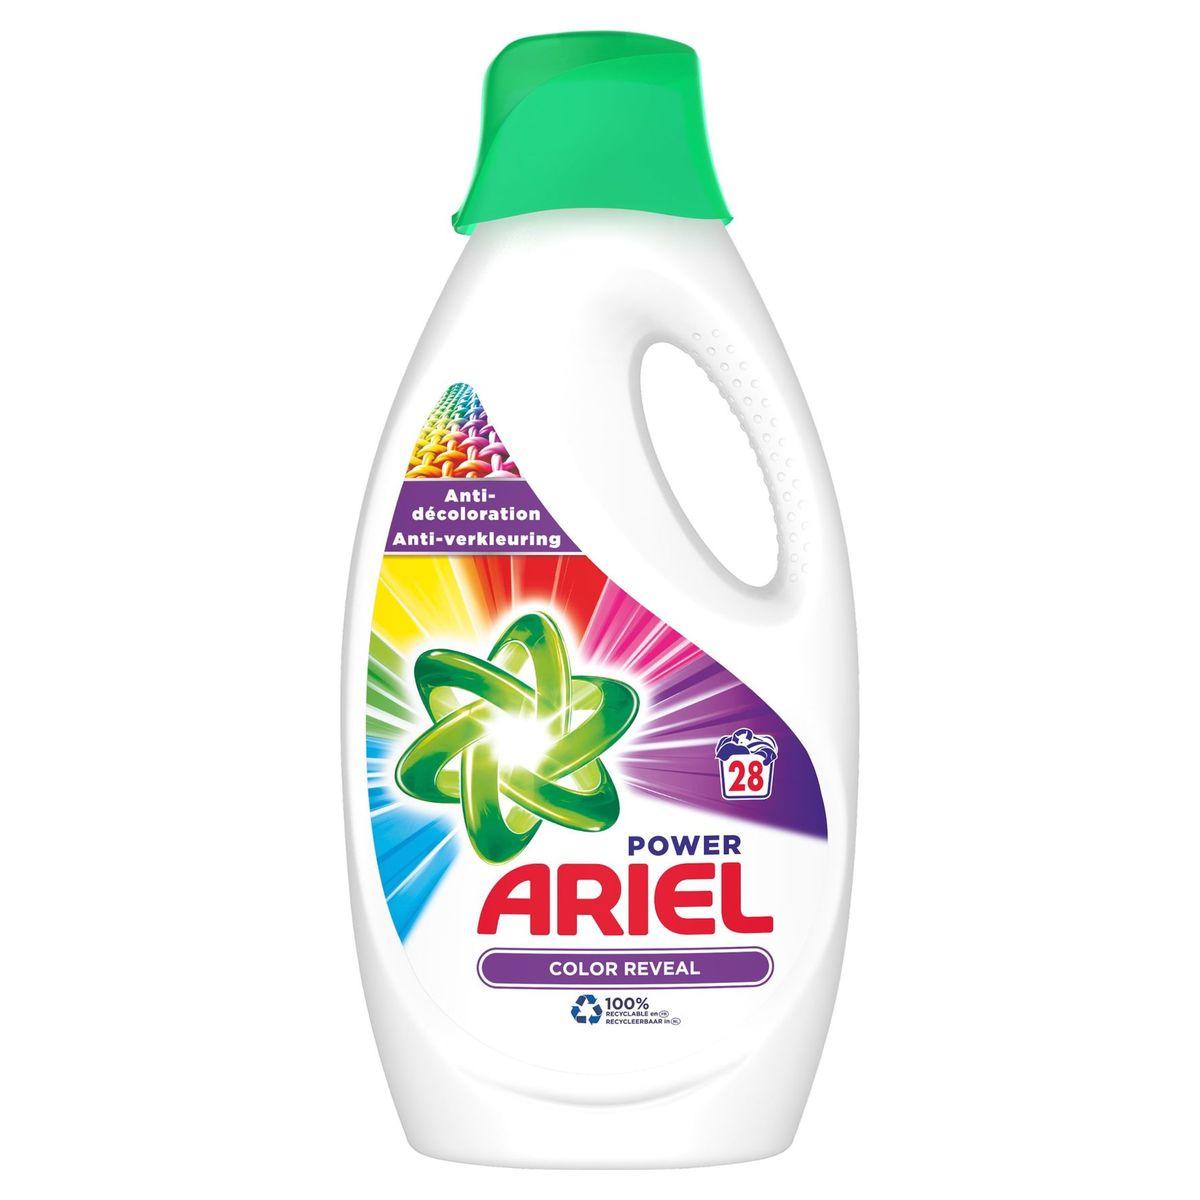 Ariel Color Reveal Vloeibaar Wasmiddel 1.54l, 28 Wasbeurten